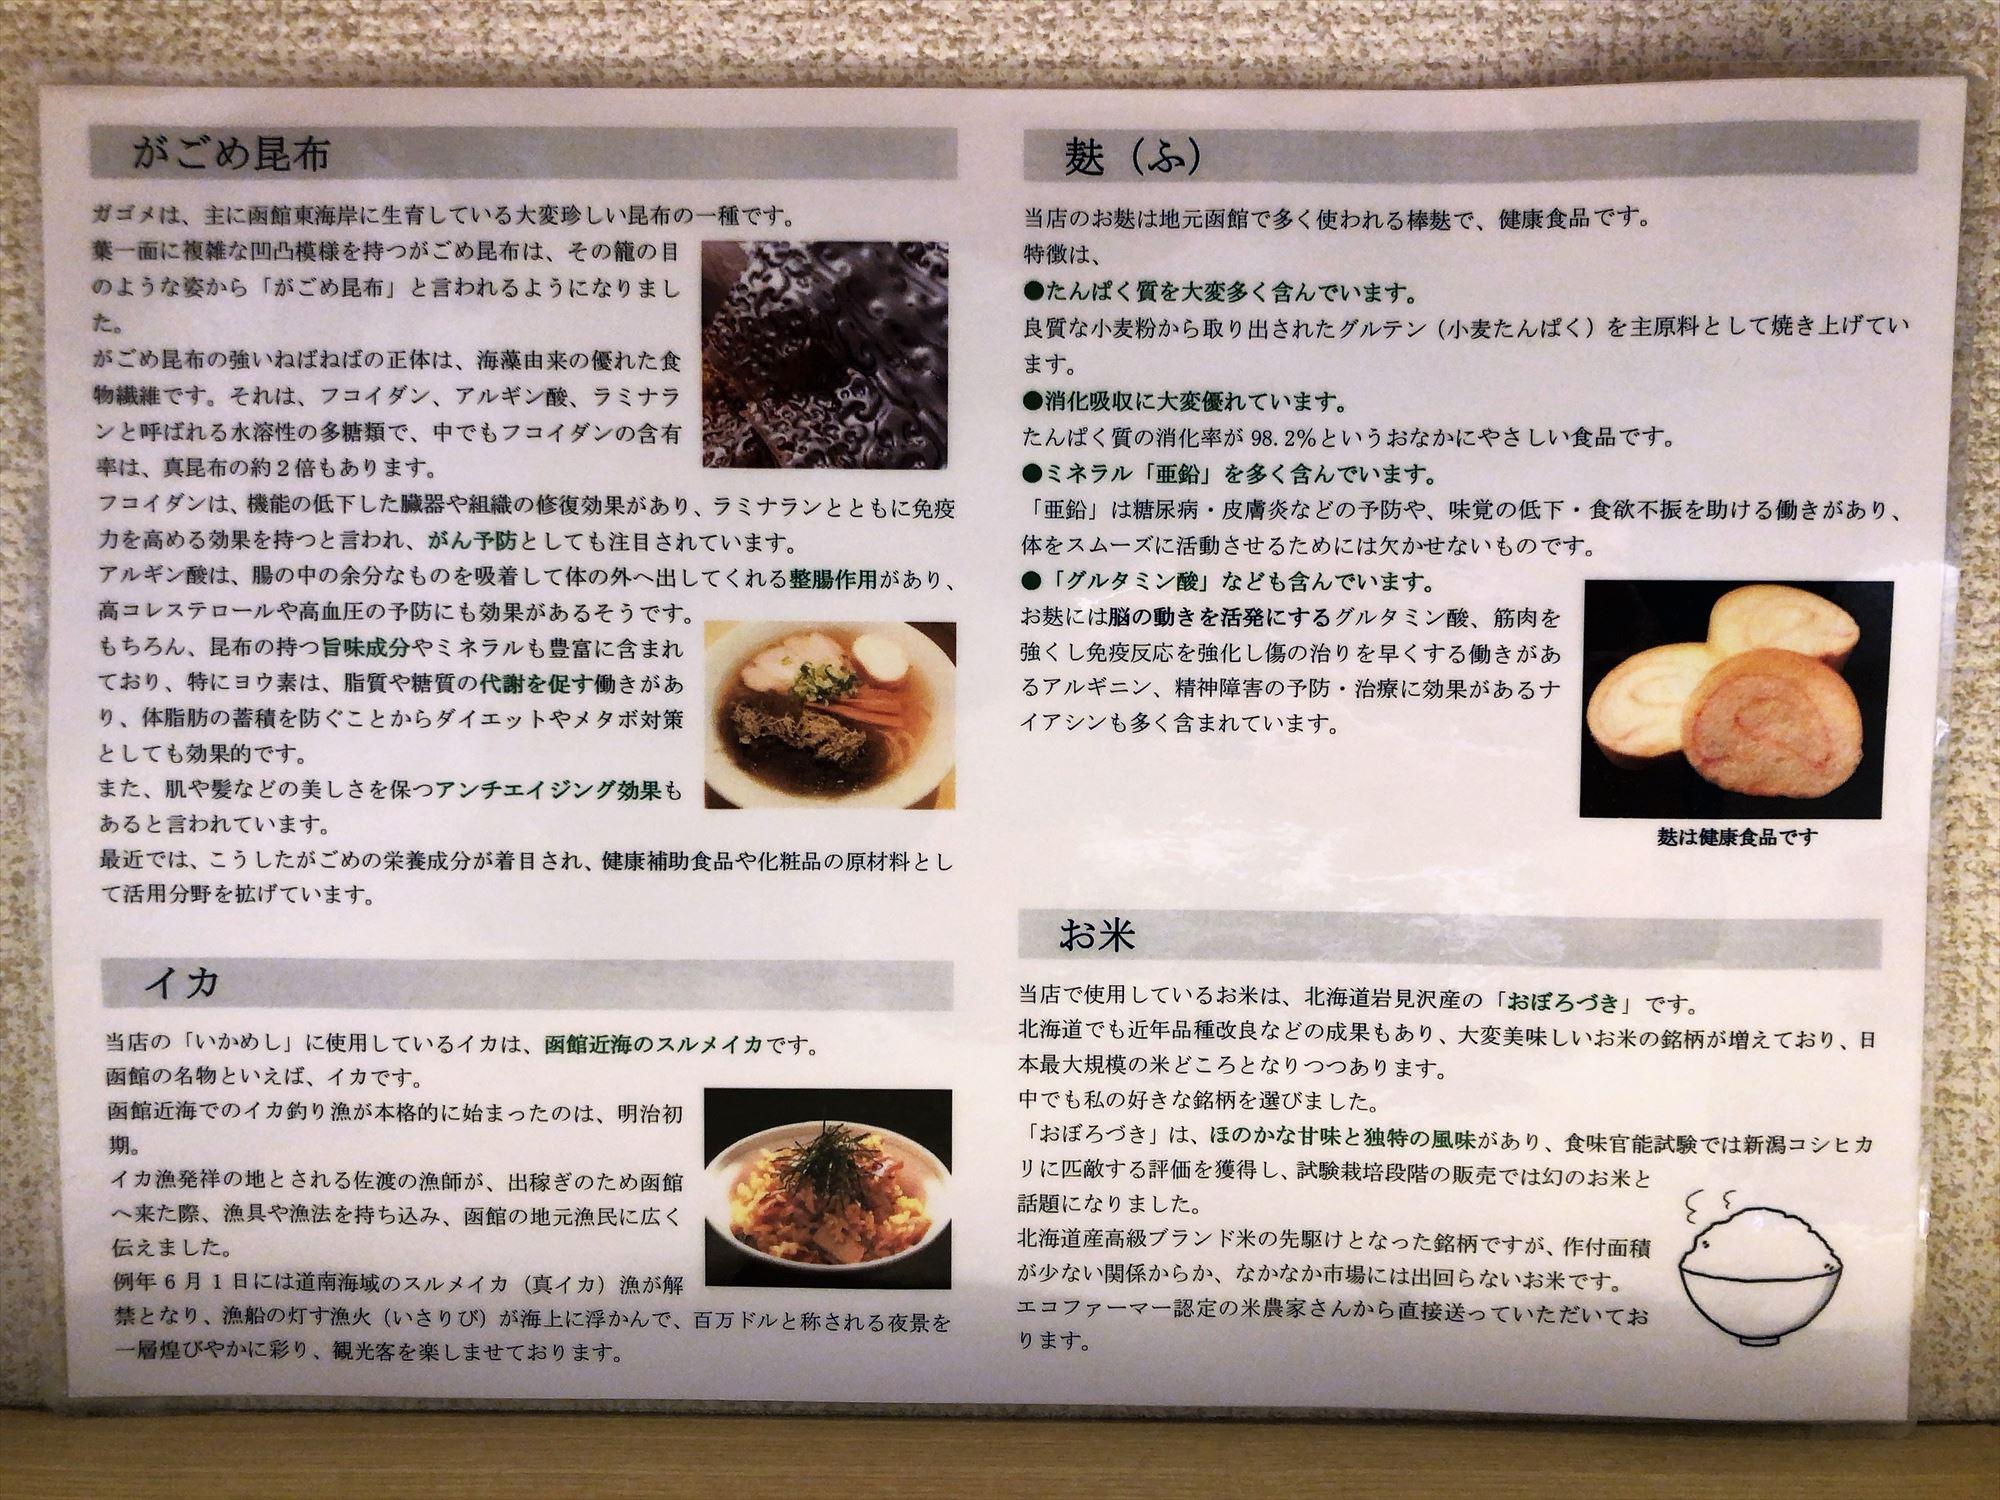 函館塩ラーメン 五稜郭の案内